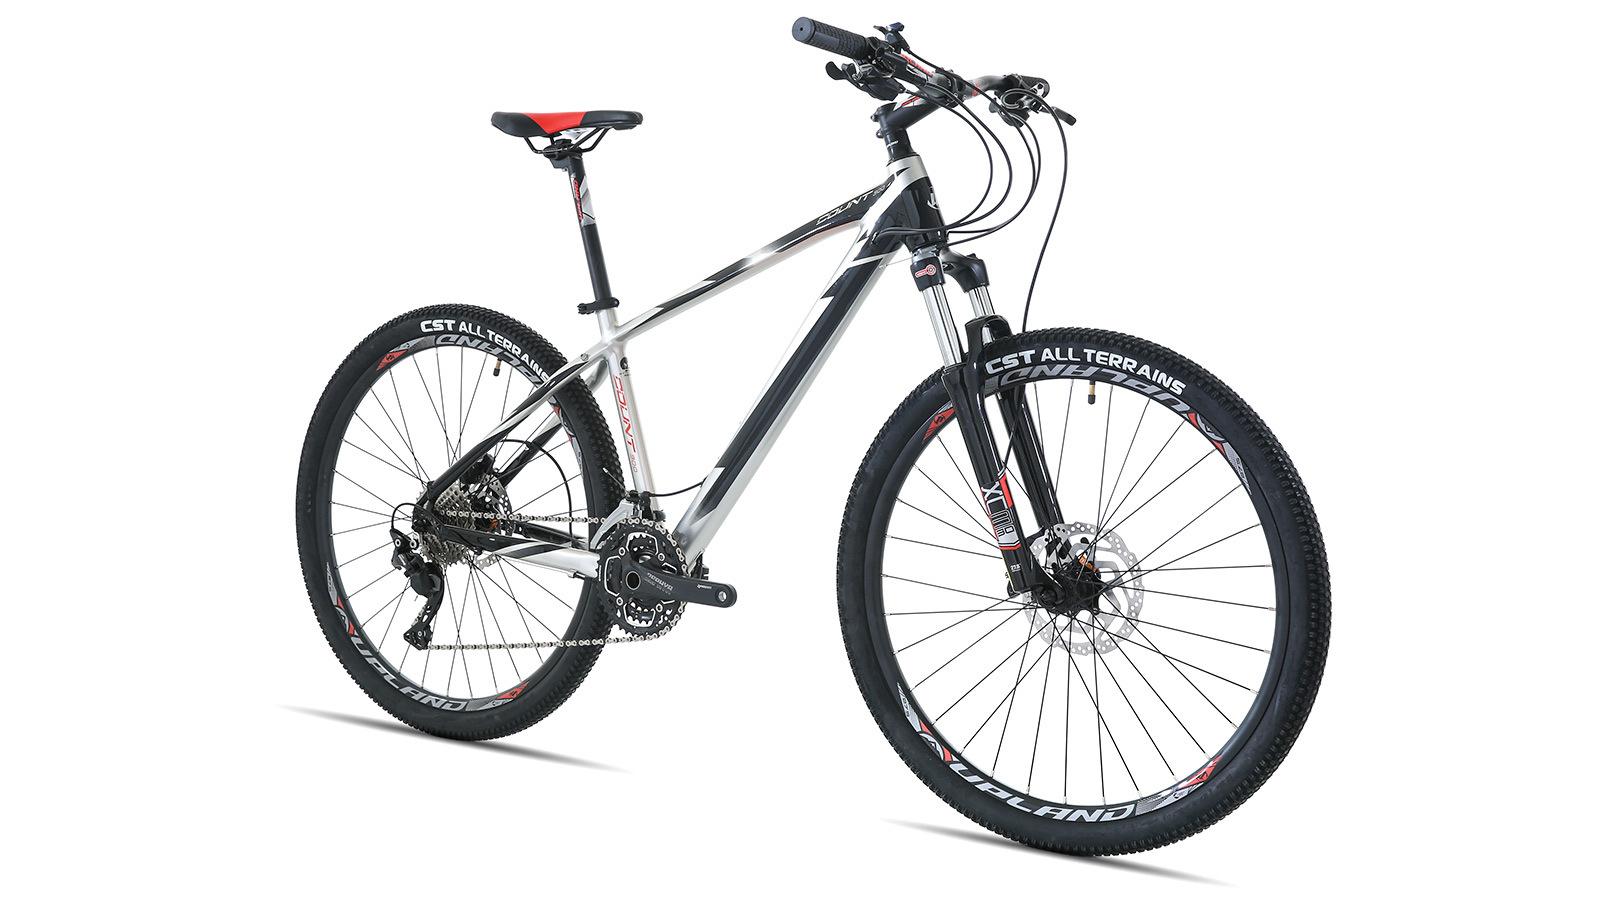 Горный велосипед Upland COUNT 300, вид спереди